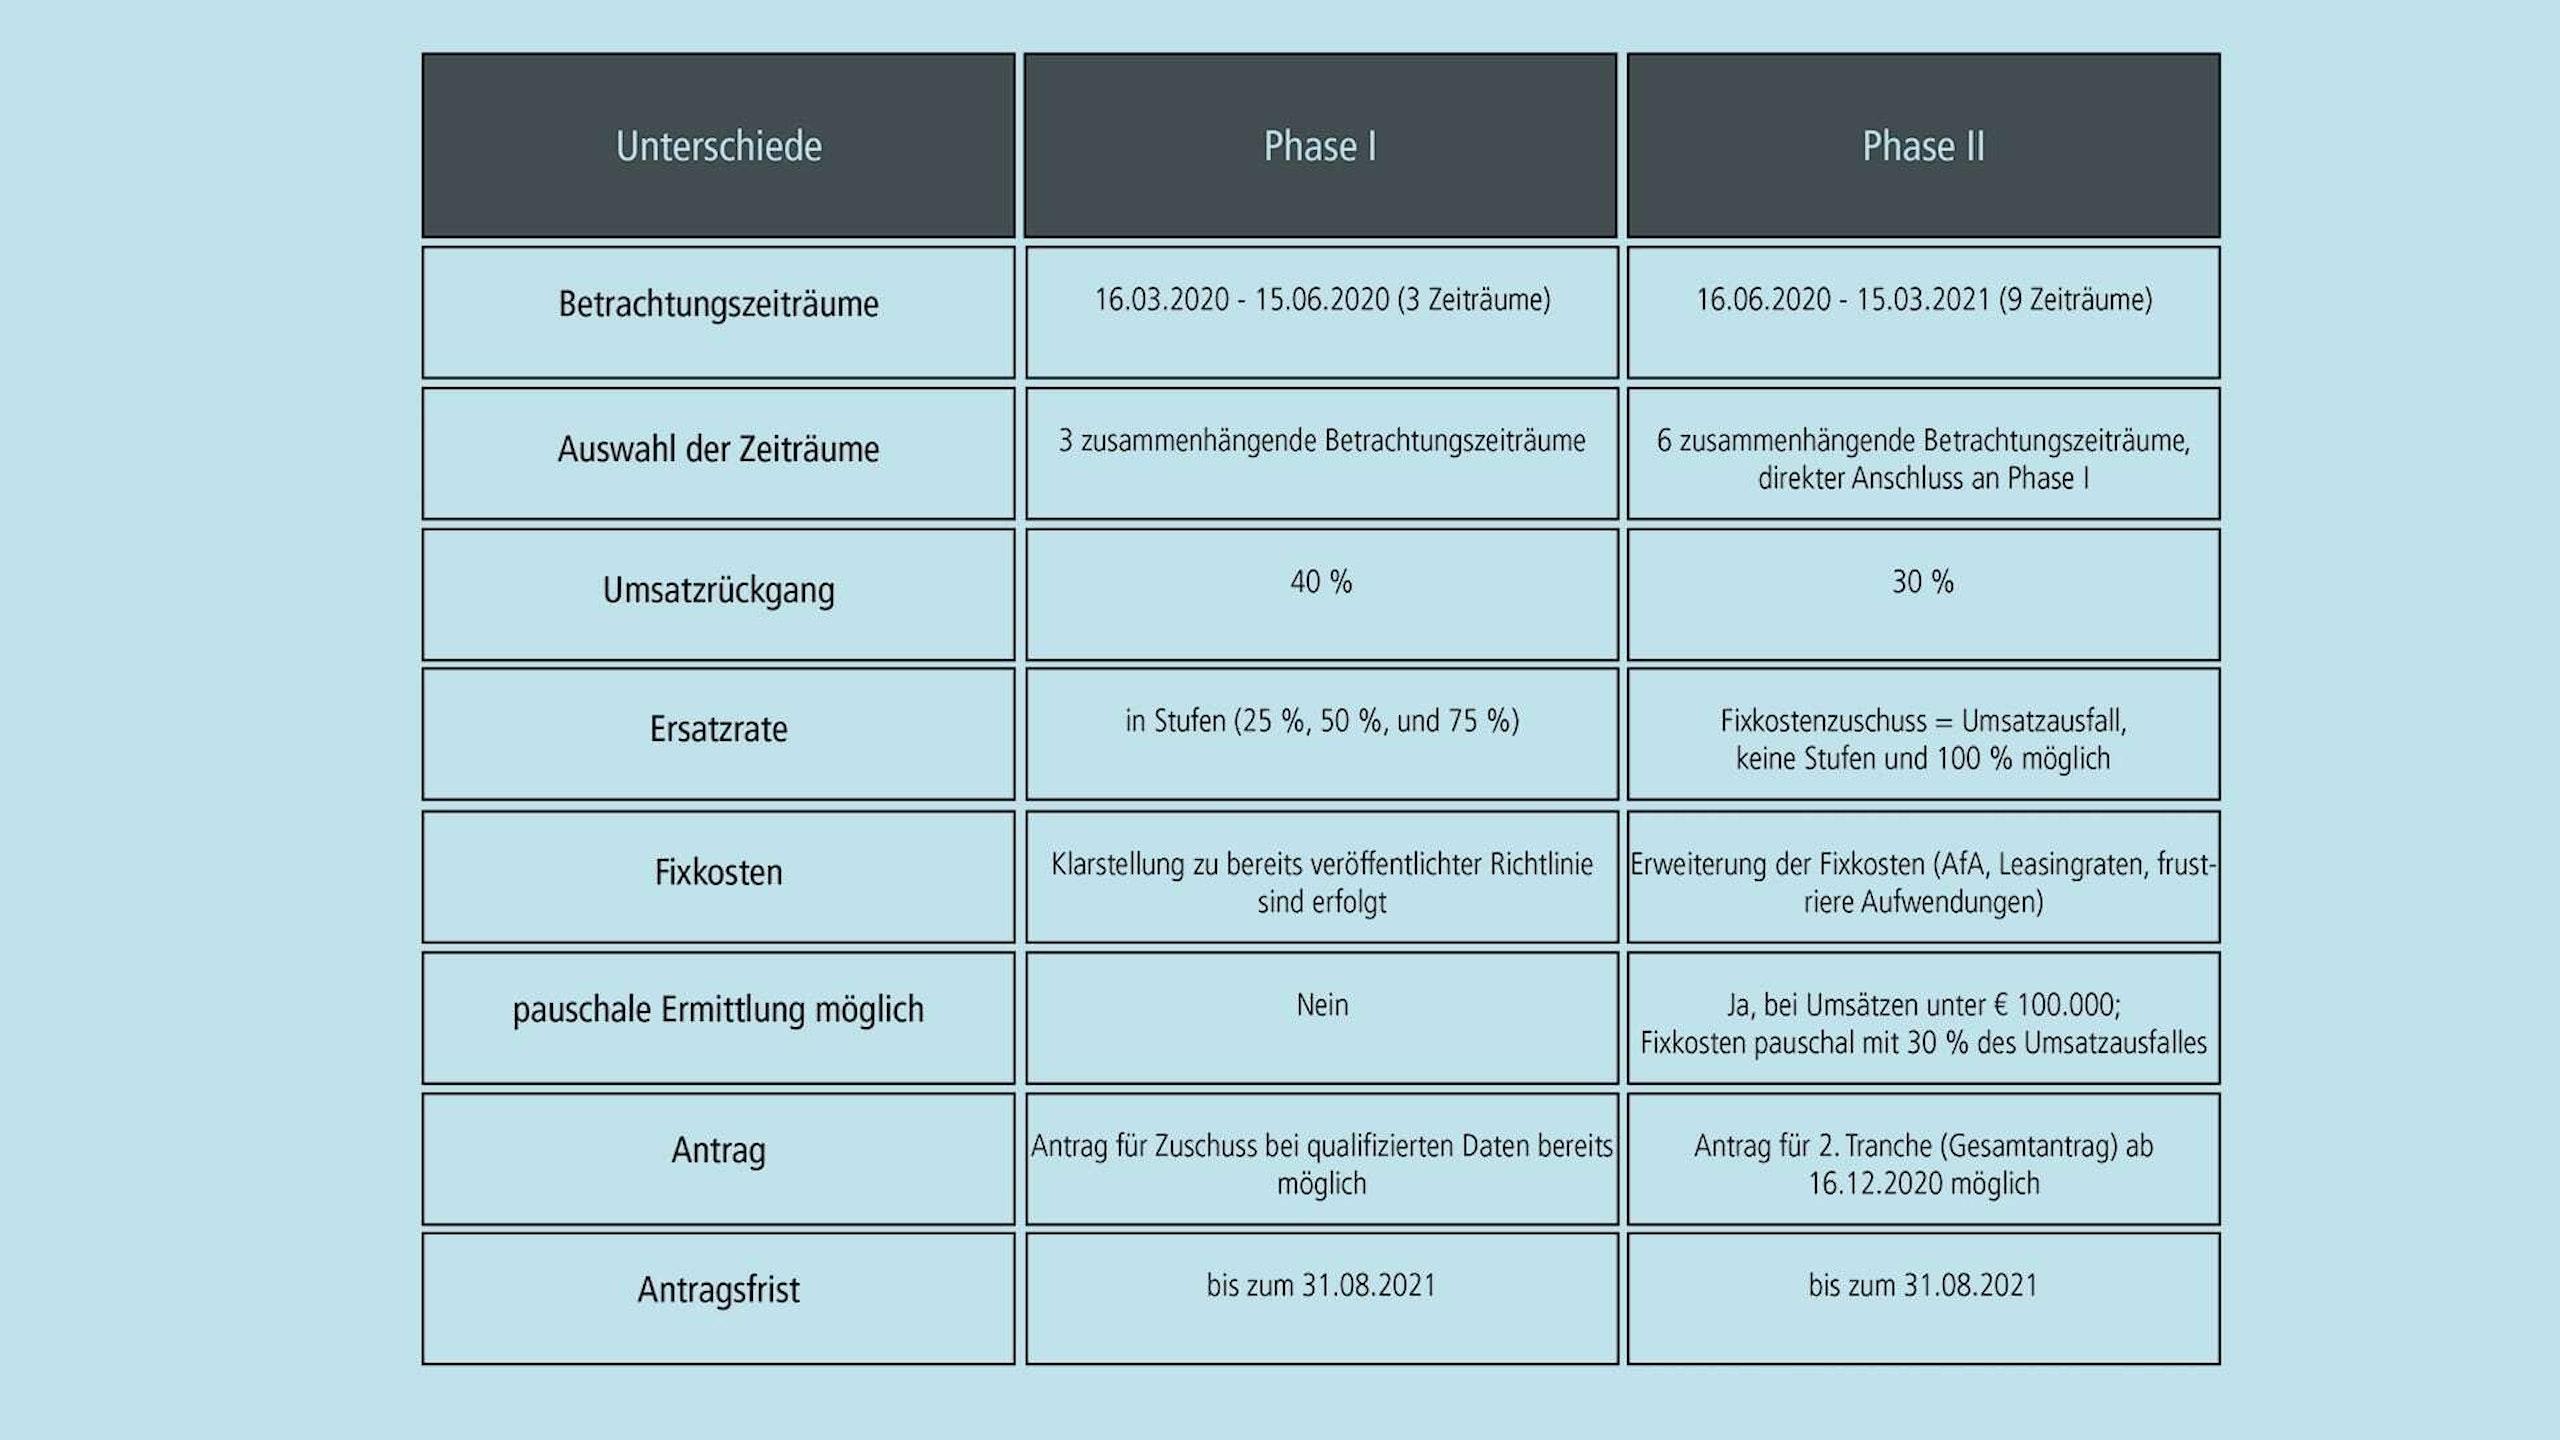 Überblick über Phase 1 und Phase 2